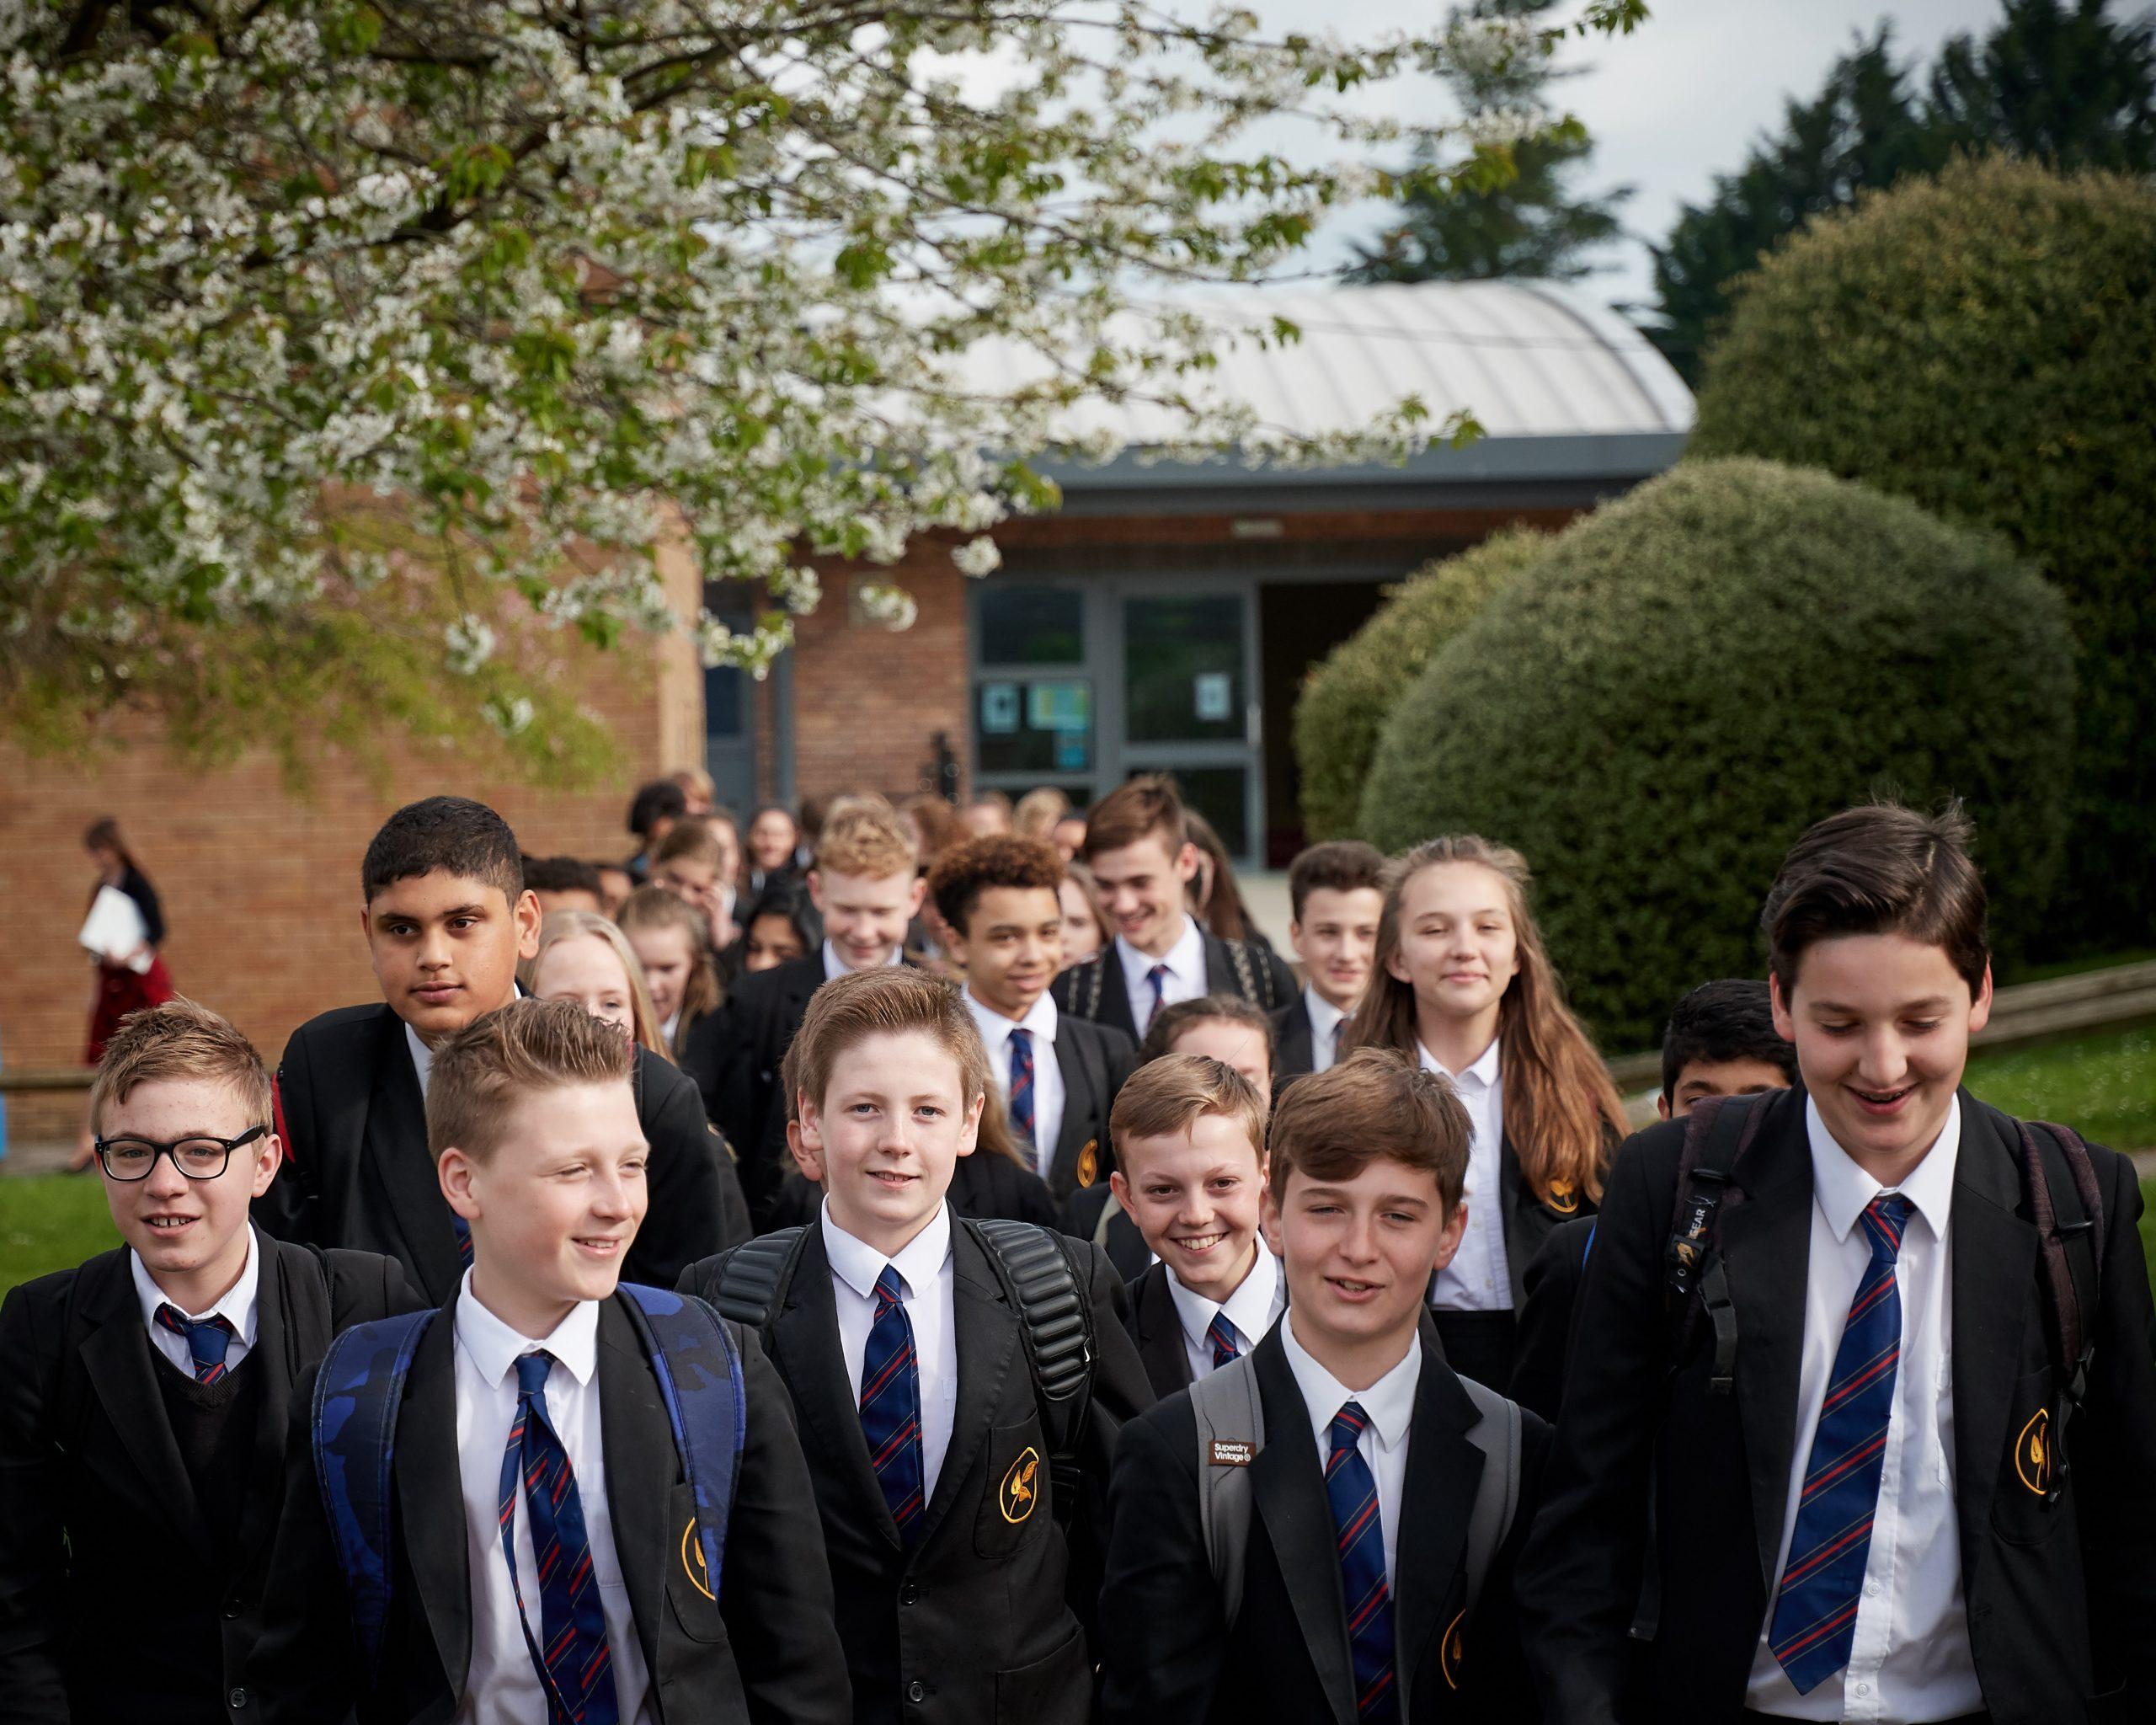 amersham-school-ssat-education-awards